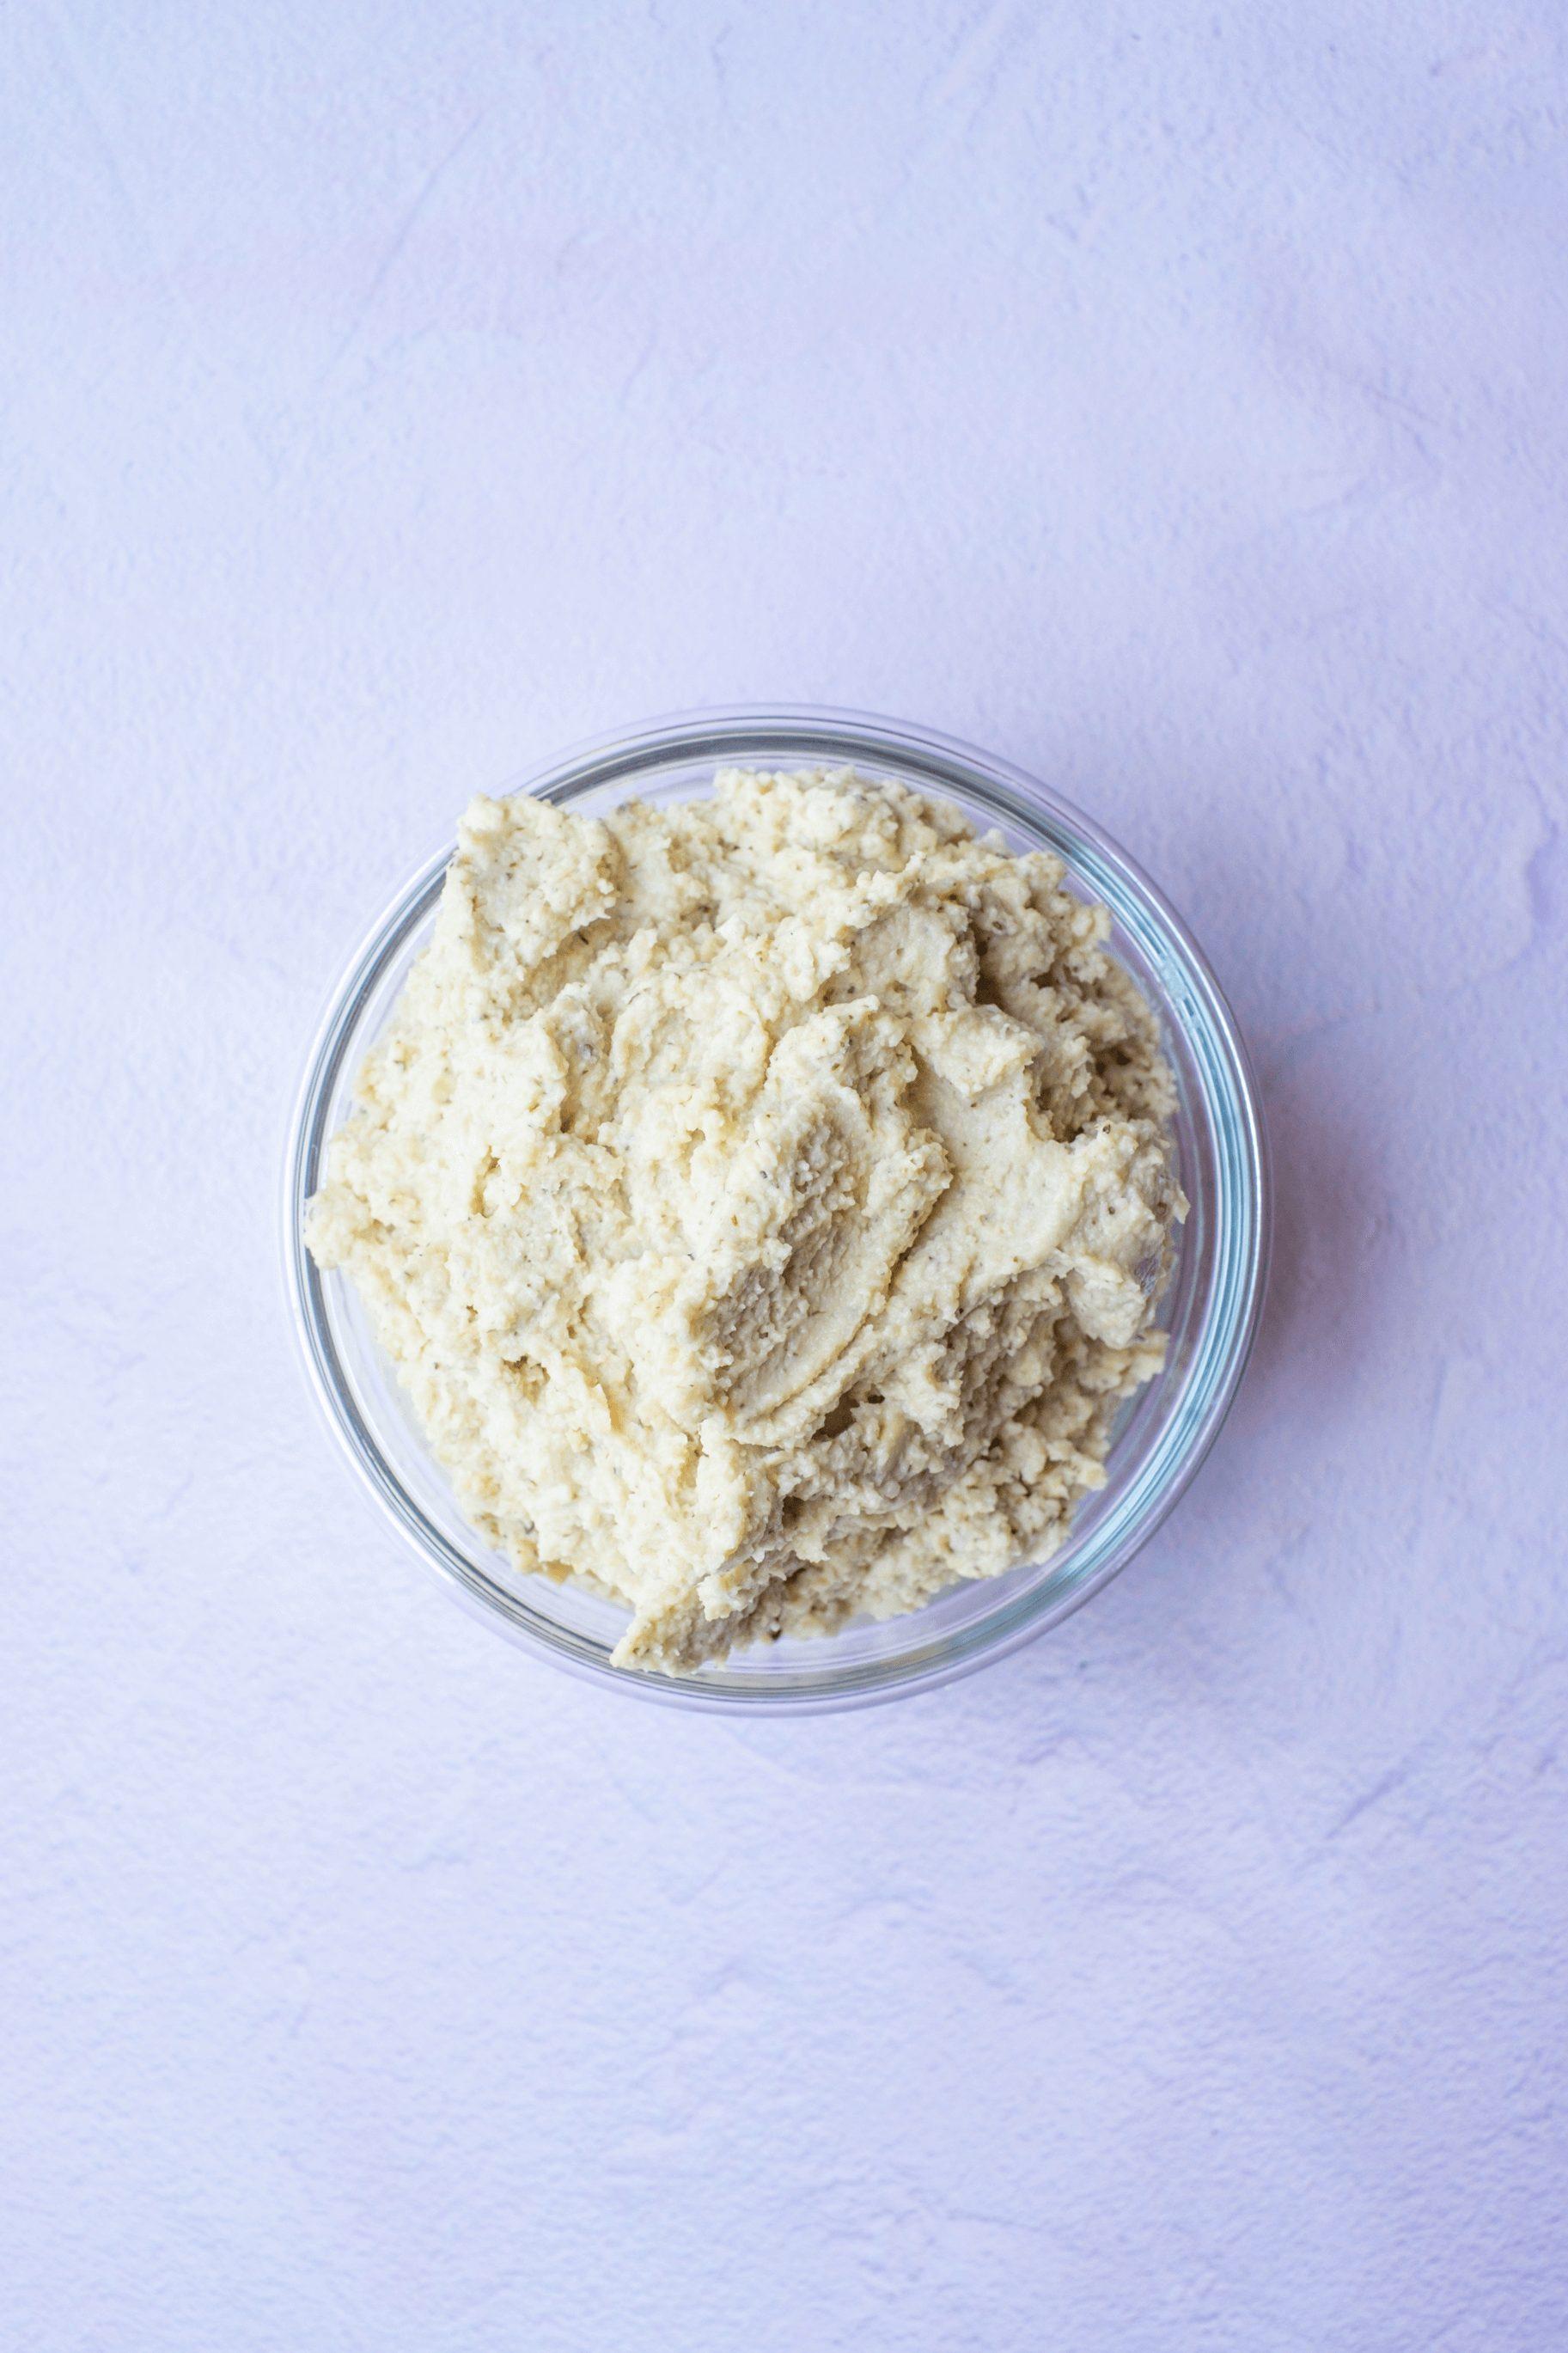 Cashew Ricotta #dairyfree #cashews #paleorecipe